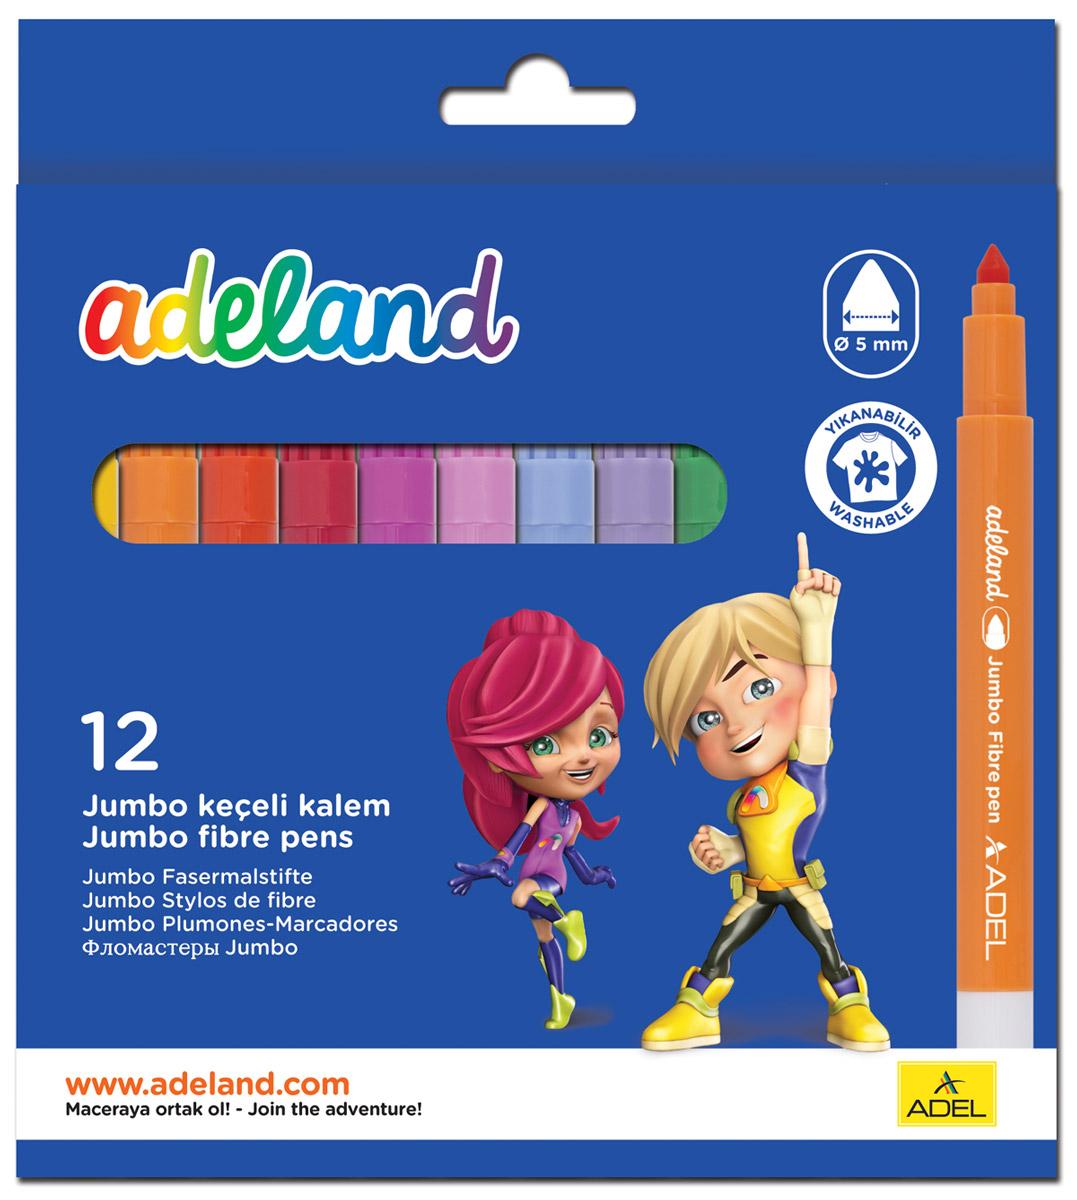 Adel Набор цветных фломастеров Adeland Jumbo 12 шт434-0214-100Цветные фломастеры Adel Adeland созданы специально для детей, любящих рисовать. Каждый фломастер оснащен вентилируемым колпачком и заправлен быстро сохнущими чернилами, которые легко смываются со многих текстильных материалов. Они прекрасно подходят для рисования, письма или раскрашивания на бумаге или картоне. Набор состоит из 12 фломастеров.Коробка оформлена изображением героев Adelia и Hiro из турецкого мультфильма Renk Koruyuculari.Не рекомендуется детям до 3-х лет.